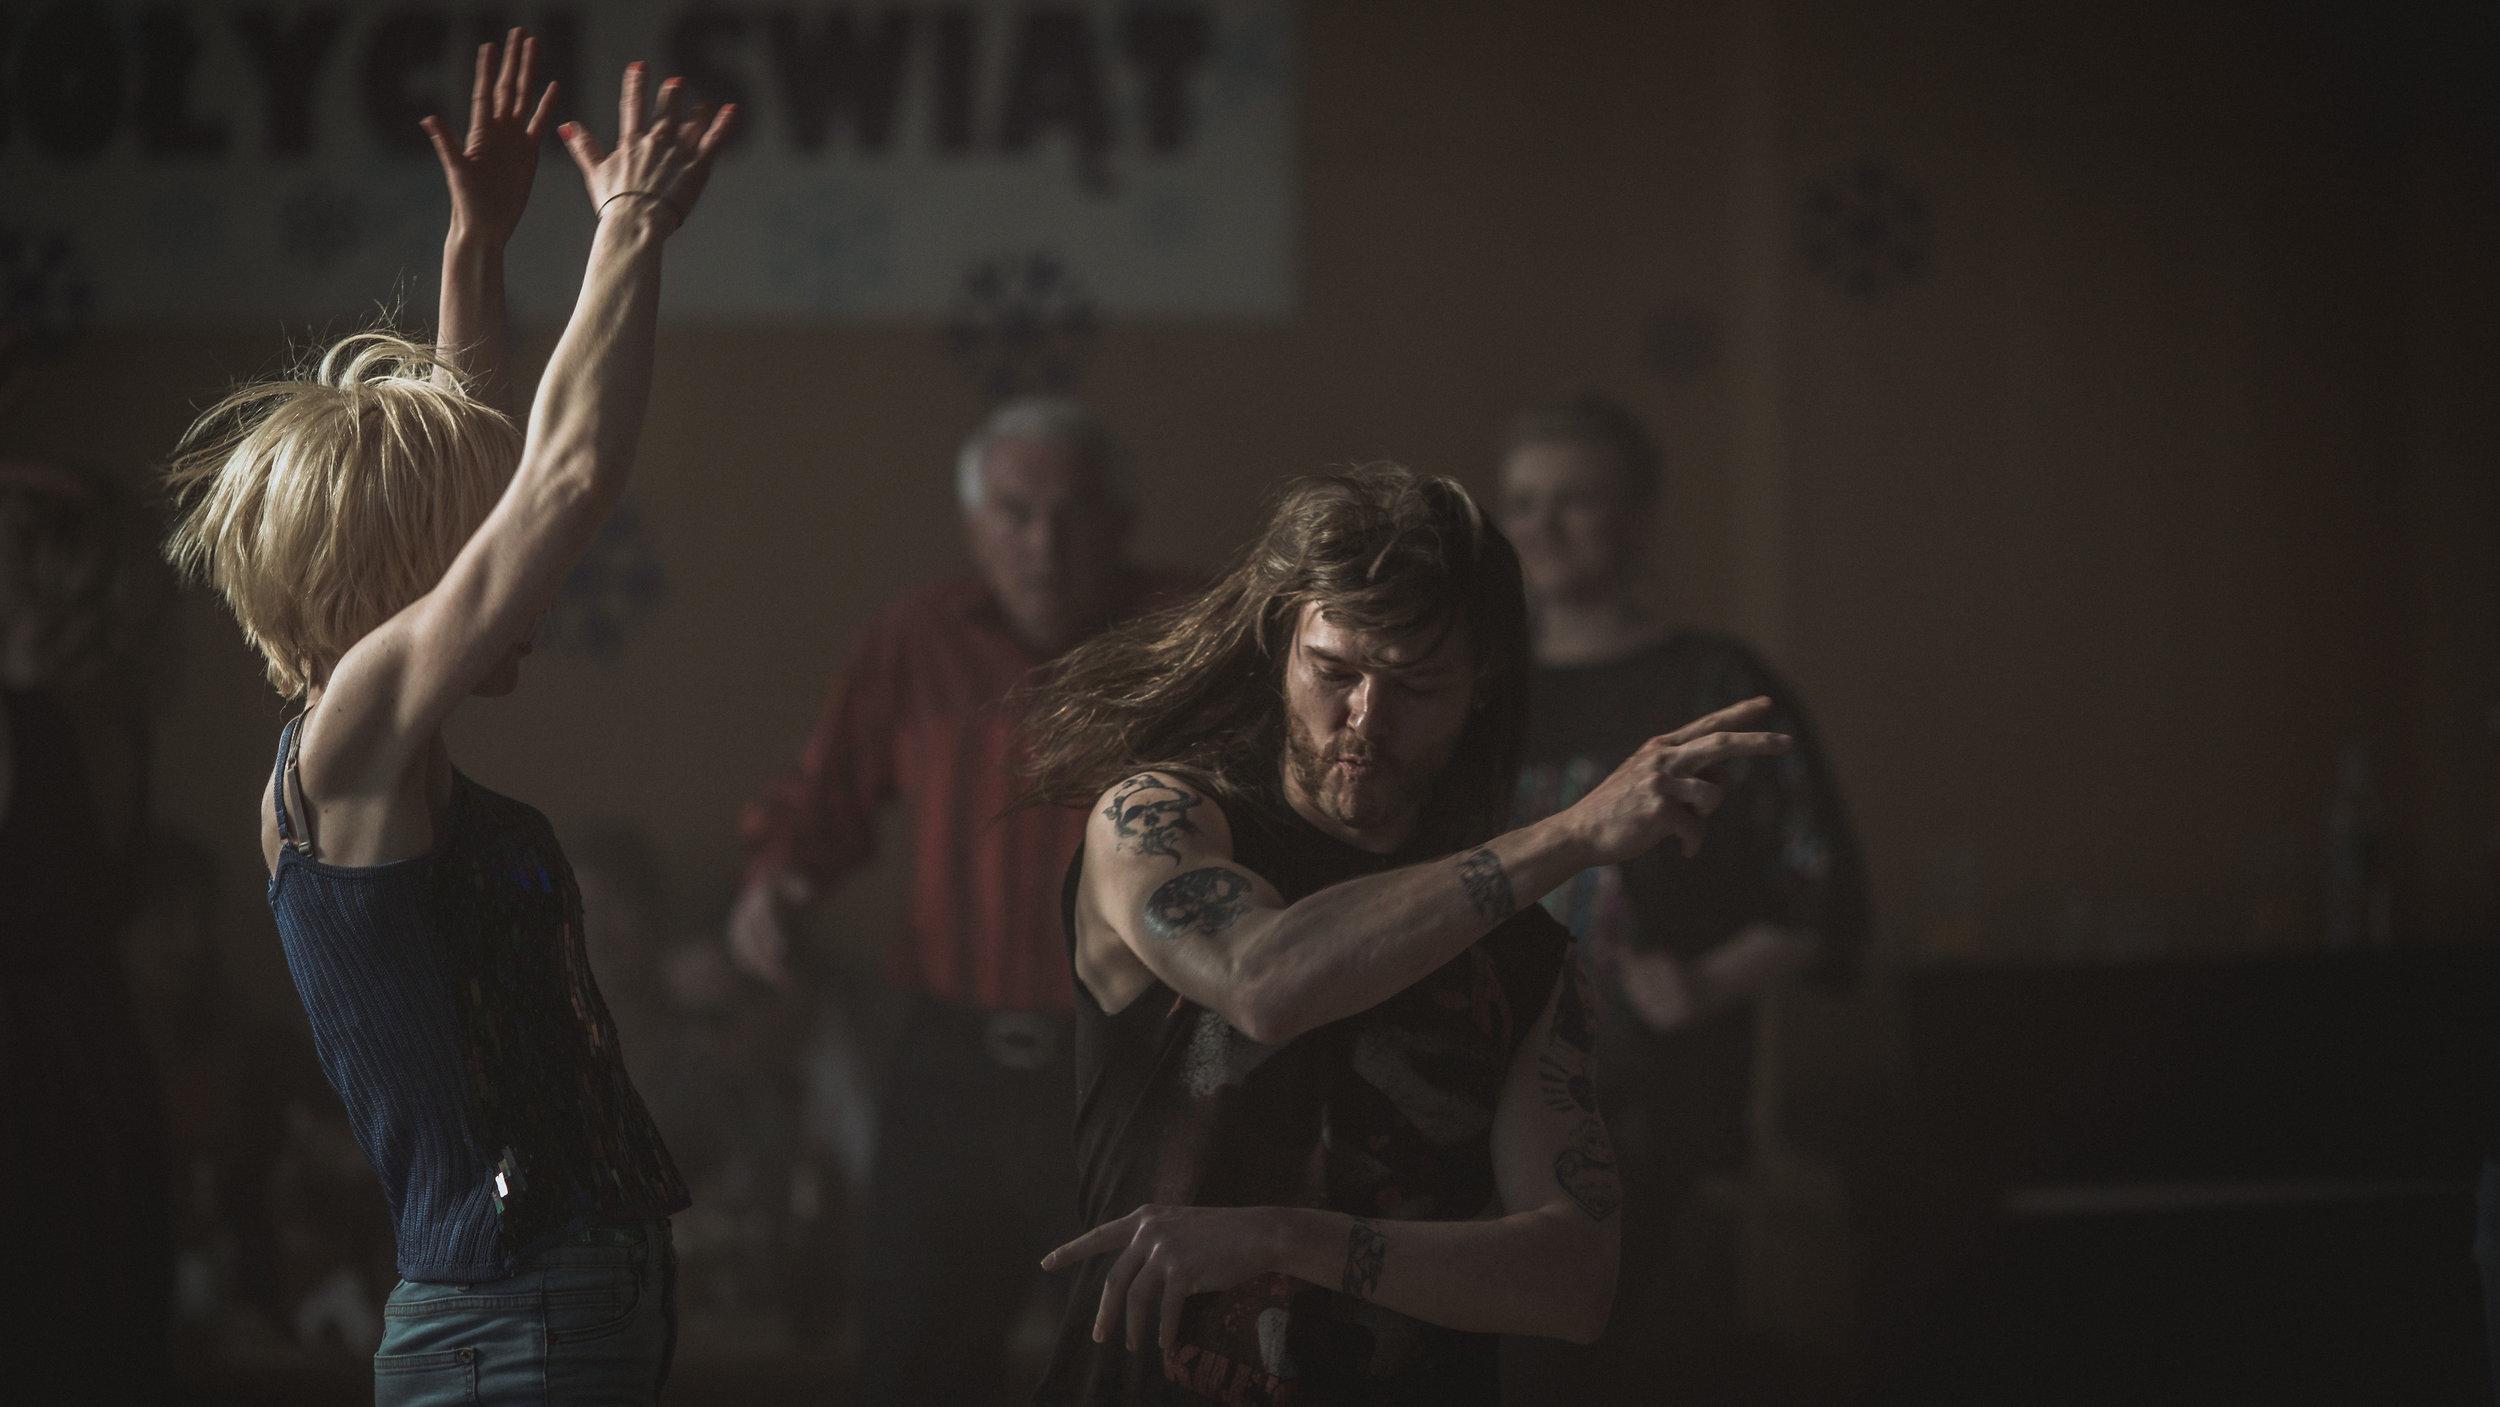 Jacek digger heavy metal, Dagmara er første kvinne ut på dansegolvet på den lokale puben.